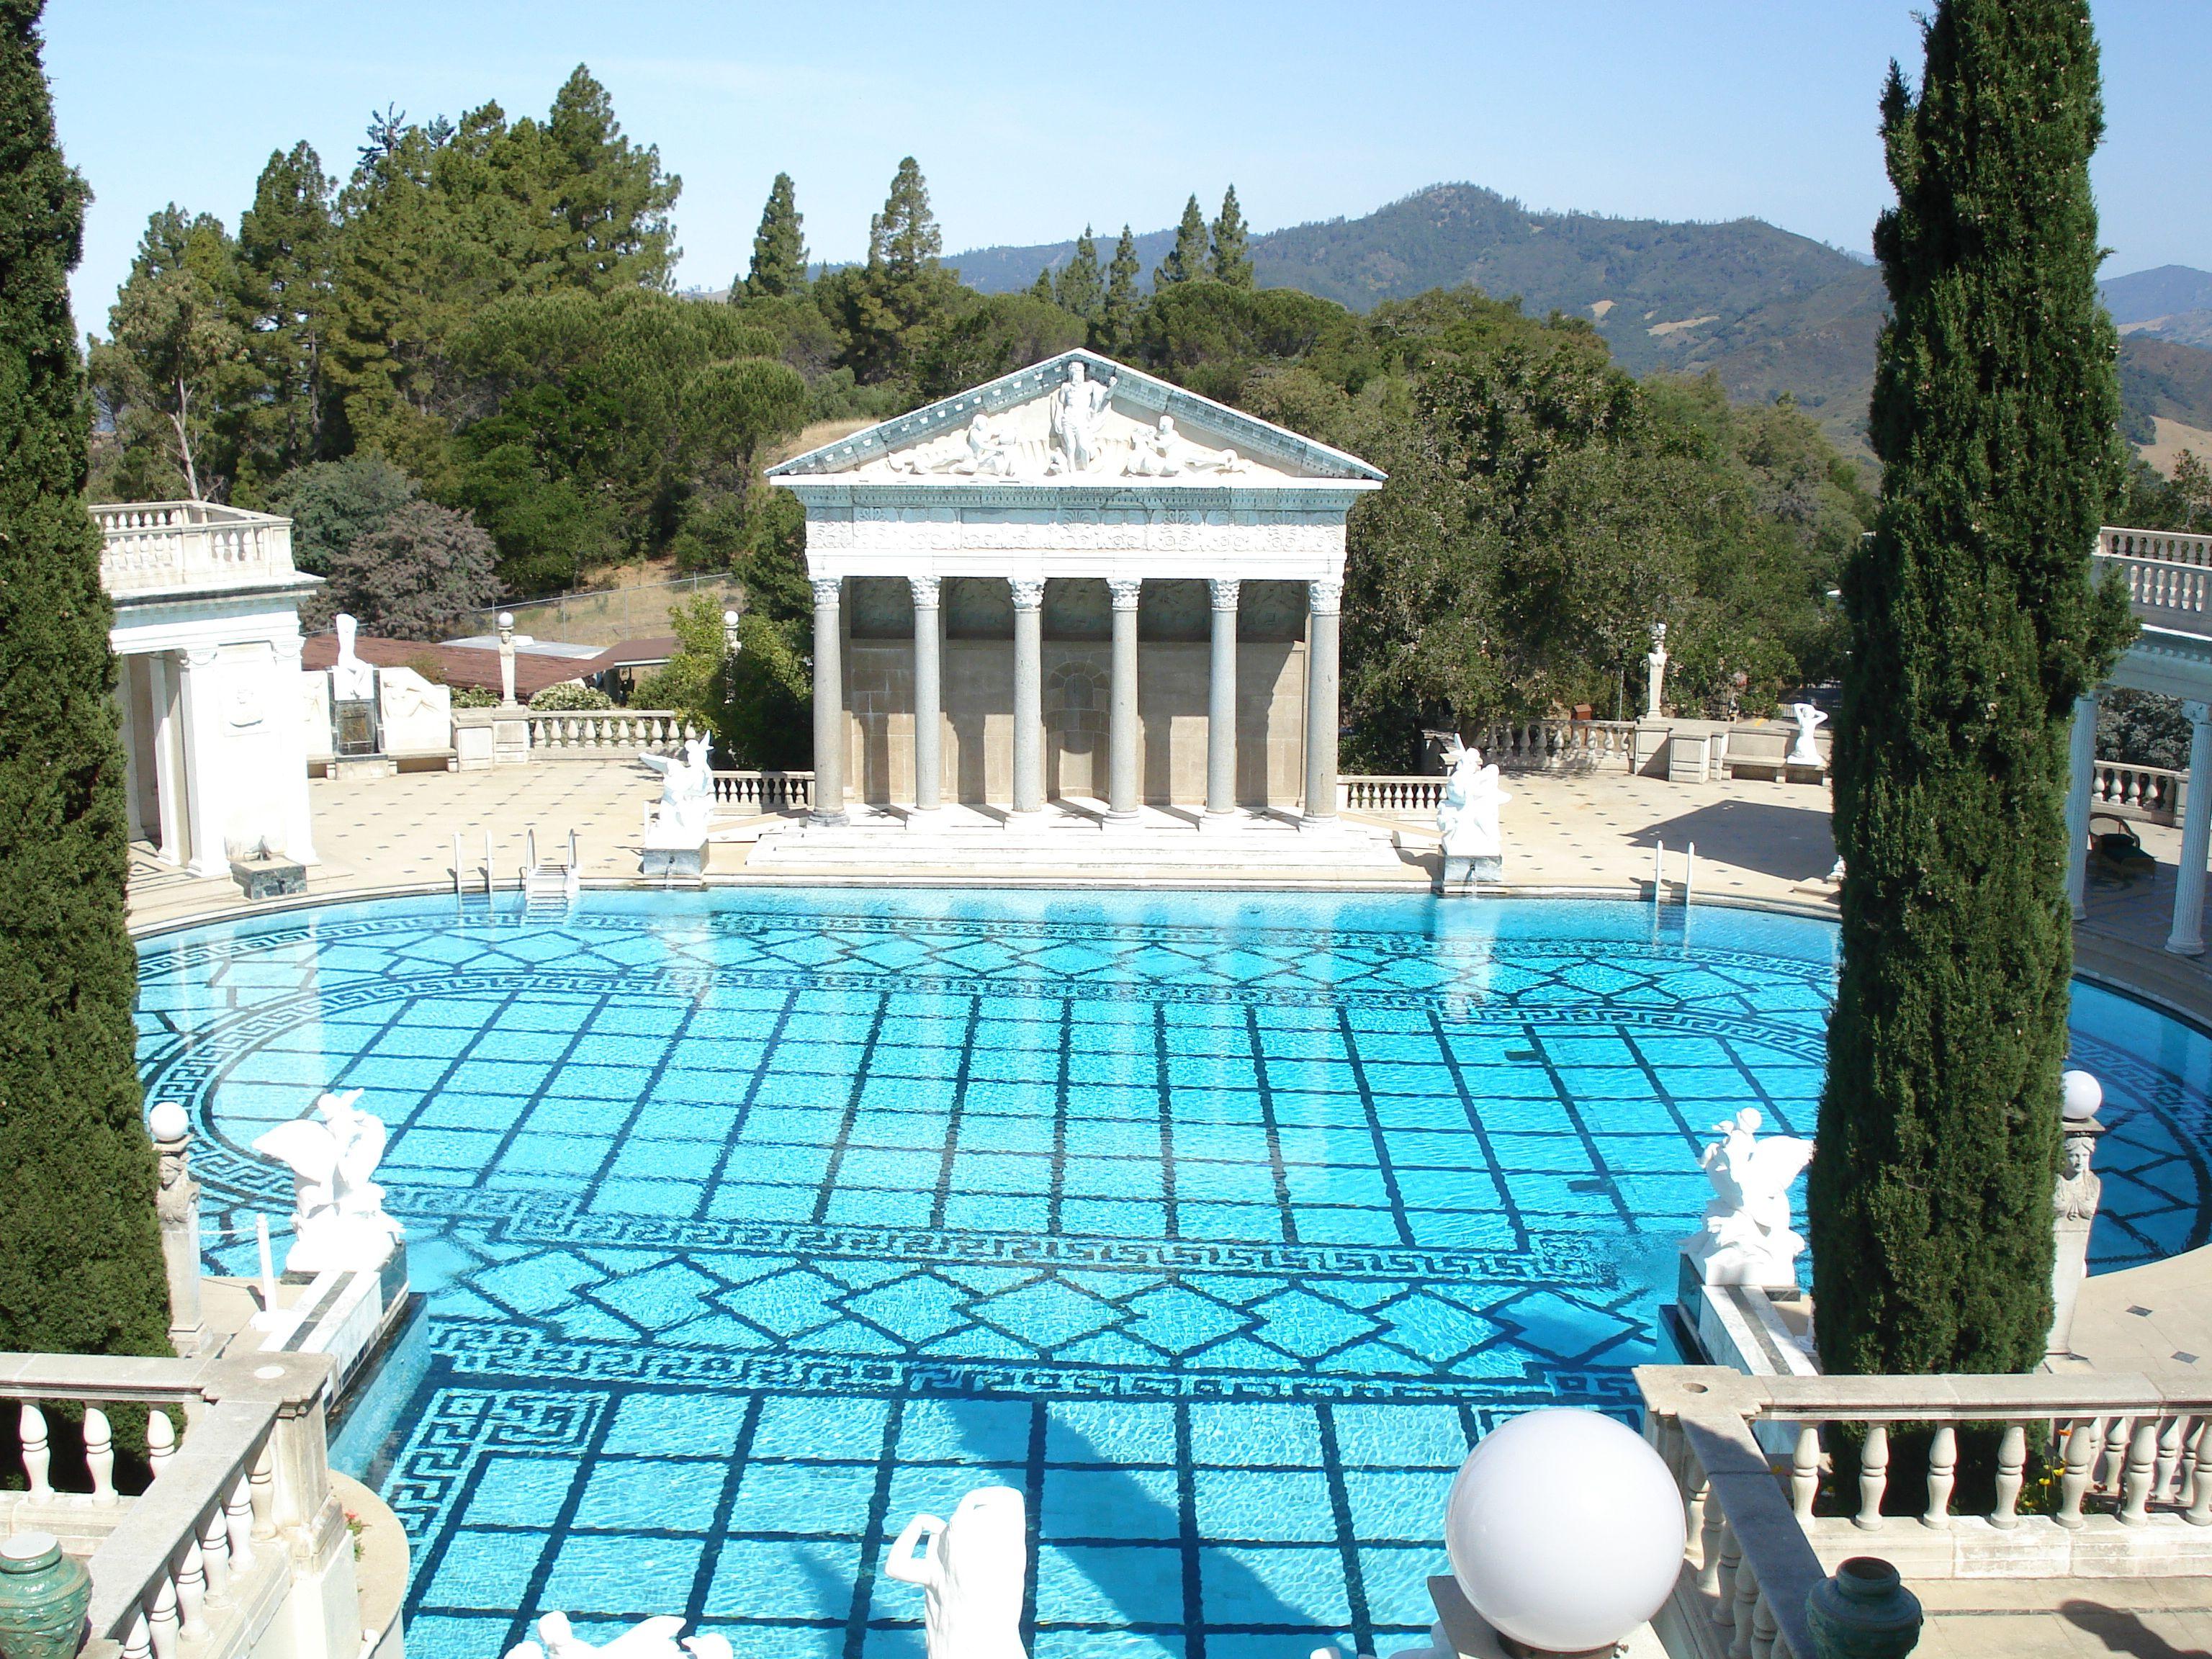 Hearst castle neptune pool gorgeous gardens pools and - Hearst castle neptune pool swim auction ...